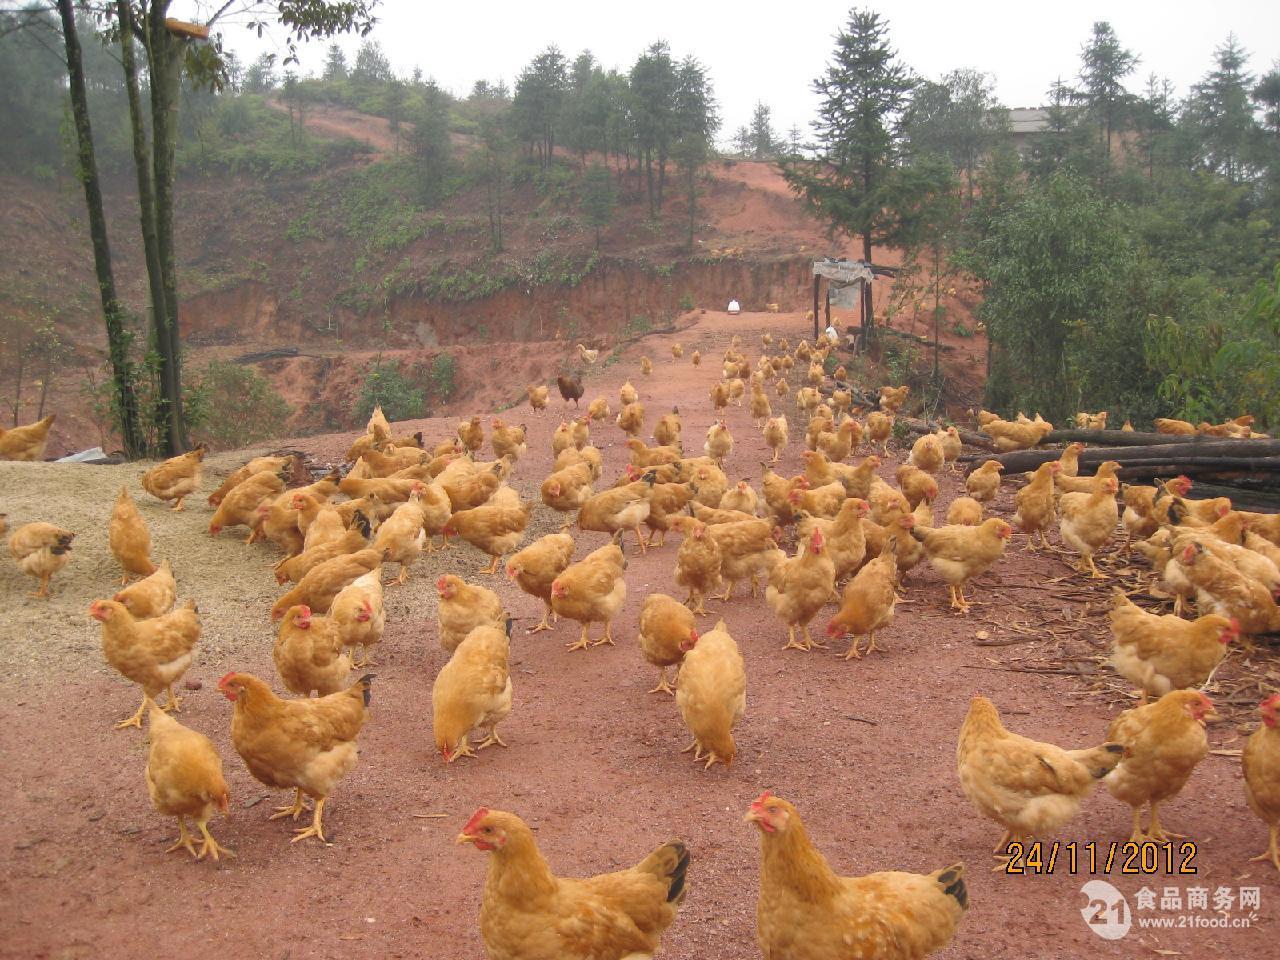 本养殖园长期提供生态散养土鸡,土鸡蛋,农家茶籽油等一些农家土特产,供应干、湿蕨菜,野生蕨菜地处江西深山老区的山野菜、生长具有无污染、纯天然优点,产量大、质量高、绝对绿色。本人能代理收购大量质量好的蕨菜。希望与长期收购的采购商建立合作。